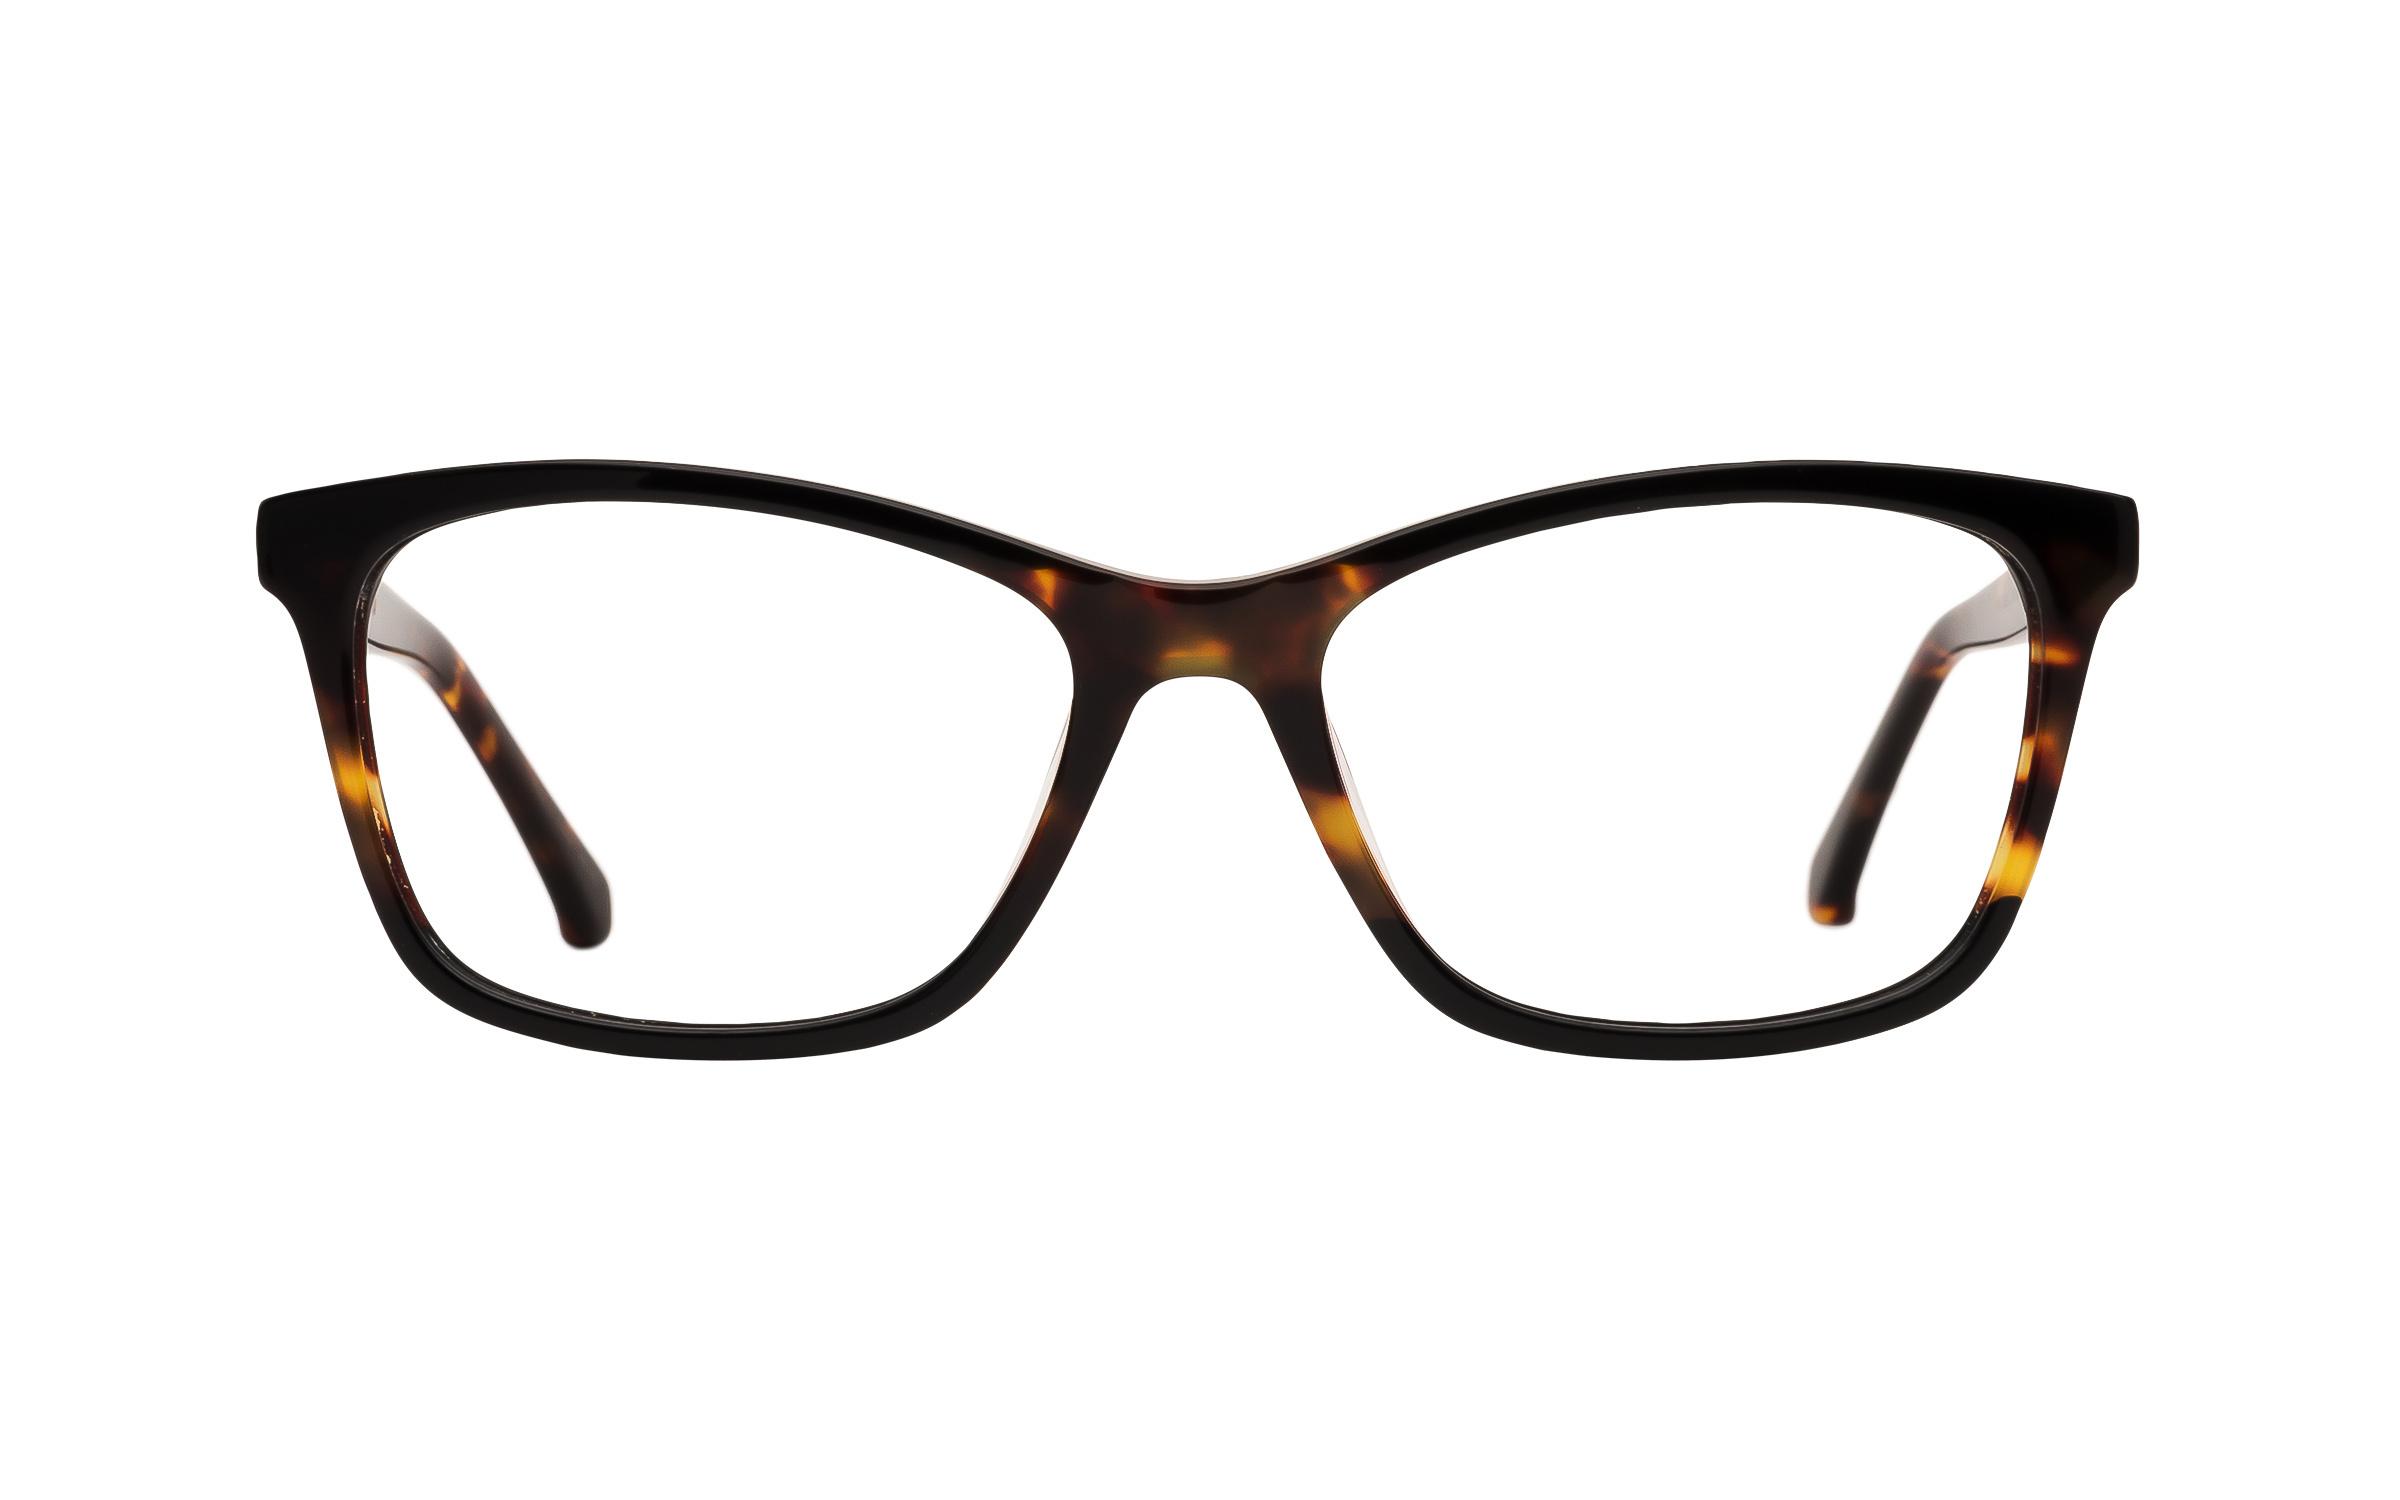 Kam Dhillon Women's Glasses D-Frame Black/Tortoise Acetate Online Clearly